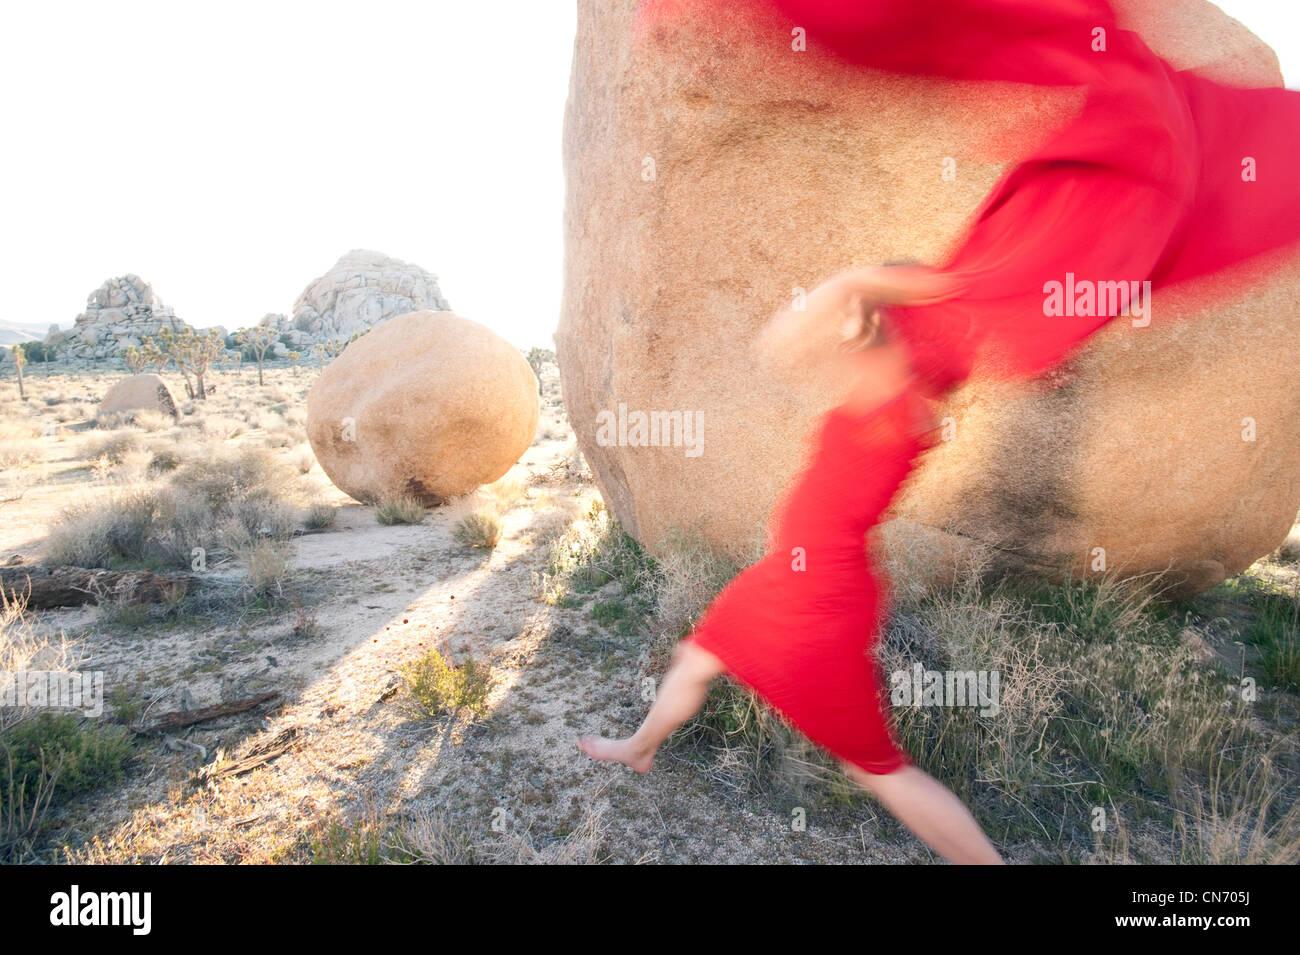 Verschwommene rote Frau warf ihr roten Schal in einer Felslandschaft. Stockbild